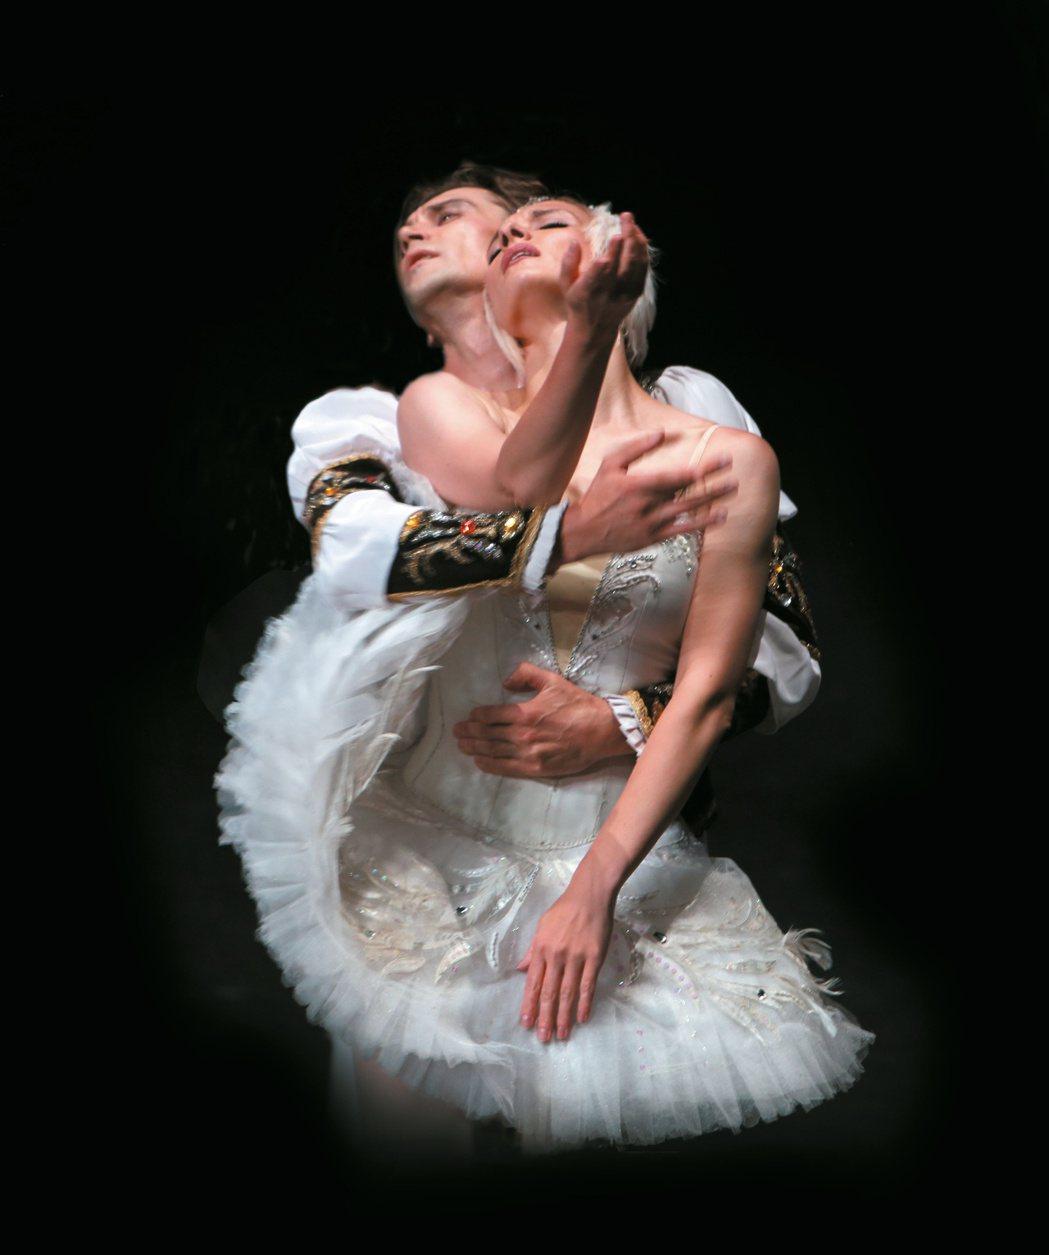 伊蓮娜.歌勒妮高娃於《天鵝湖中》飾演白天鵝奧潔塔。 圖/聯合數位文創提供